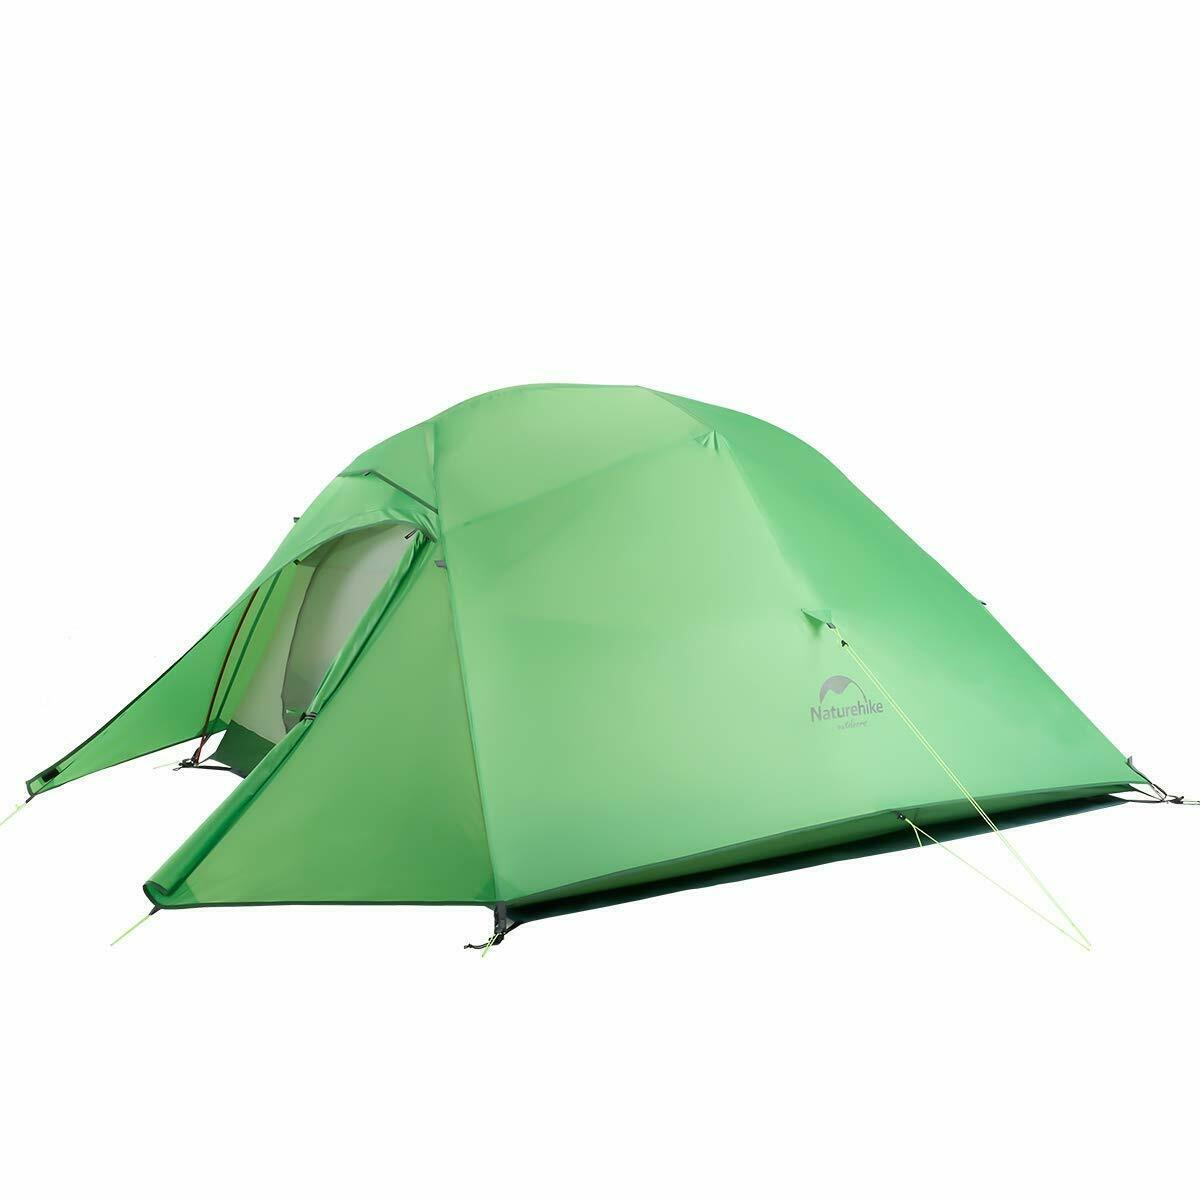 CloudUP 2 persona leggero Zaino in sptuttia tenda tenda tenda con improntaStagione 4 GRATIS. 382